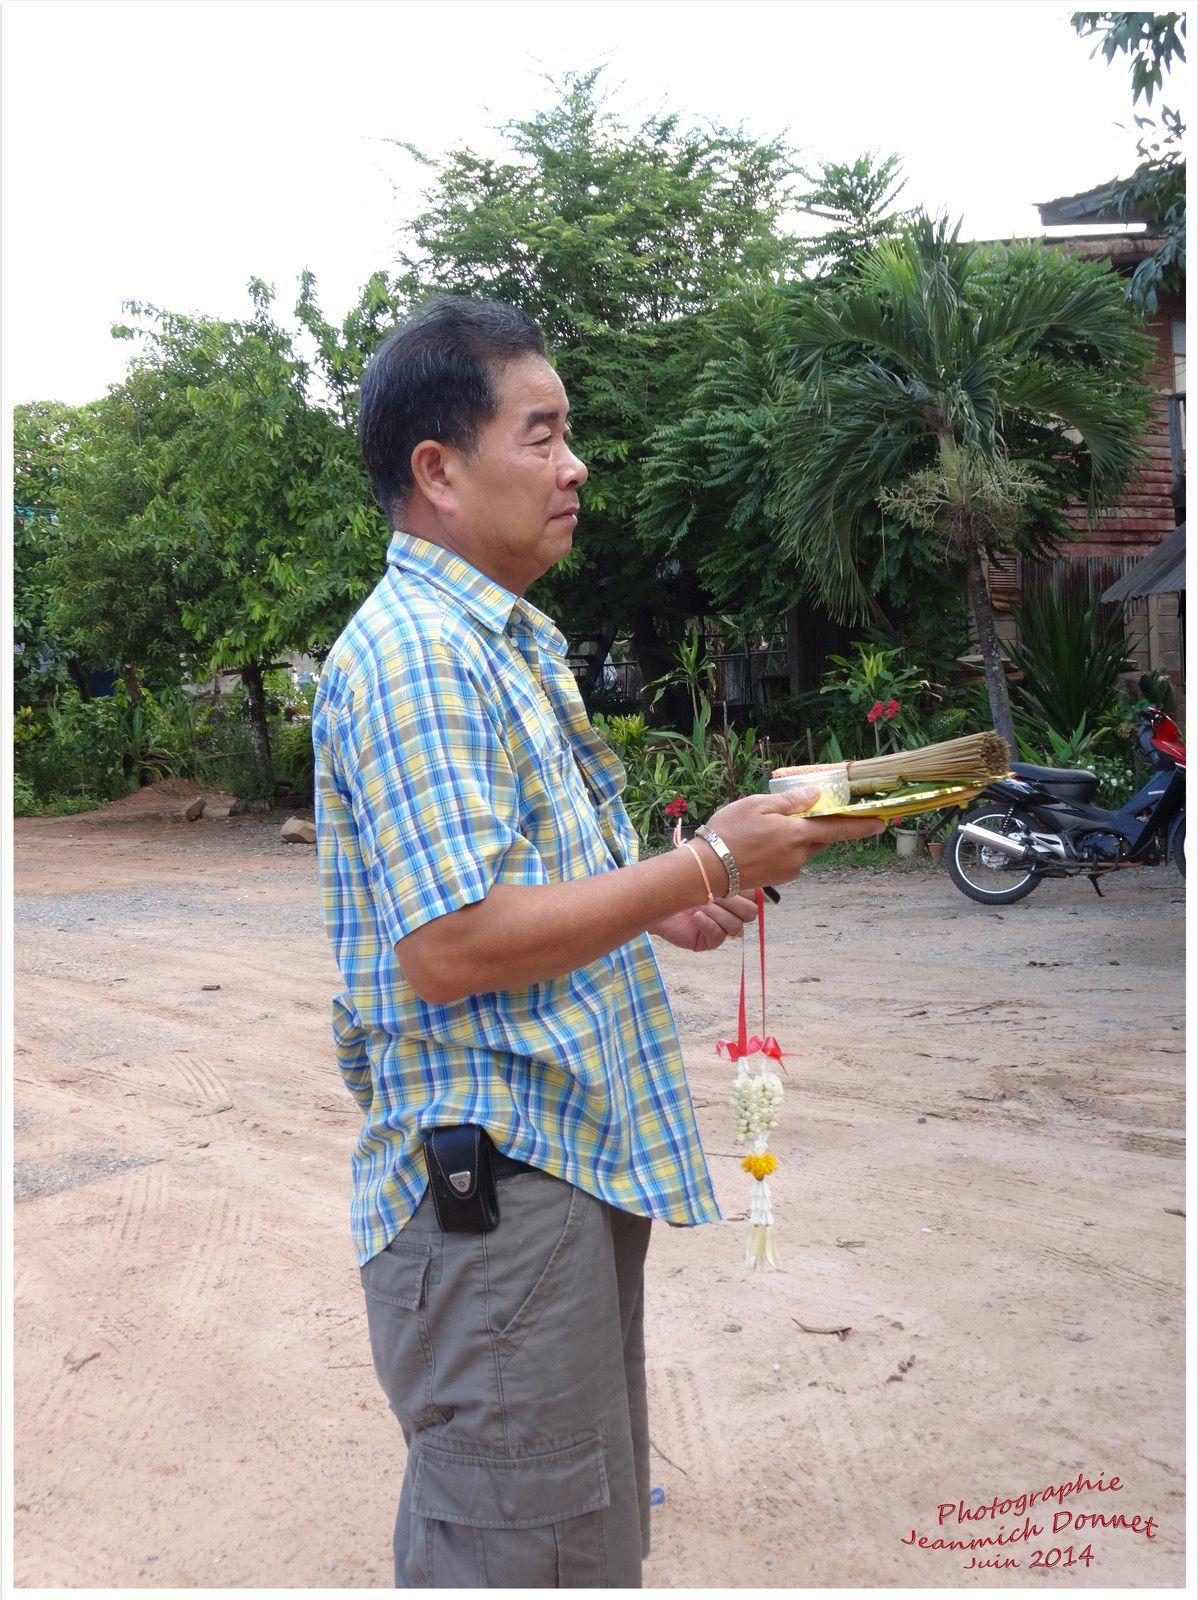 Bénédiction d'une voiture en Thailande (suite et fin)